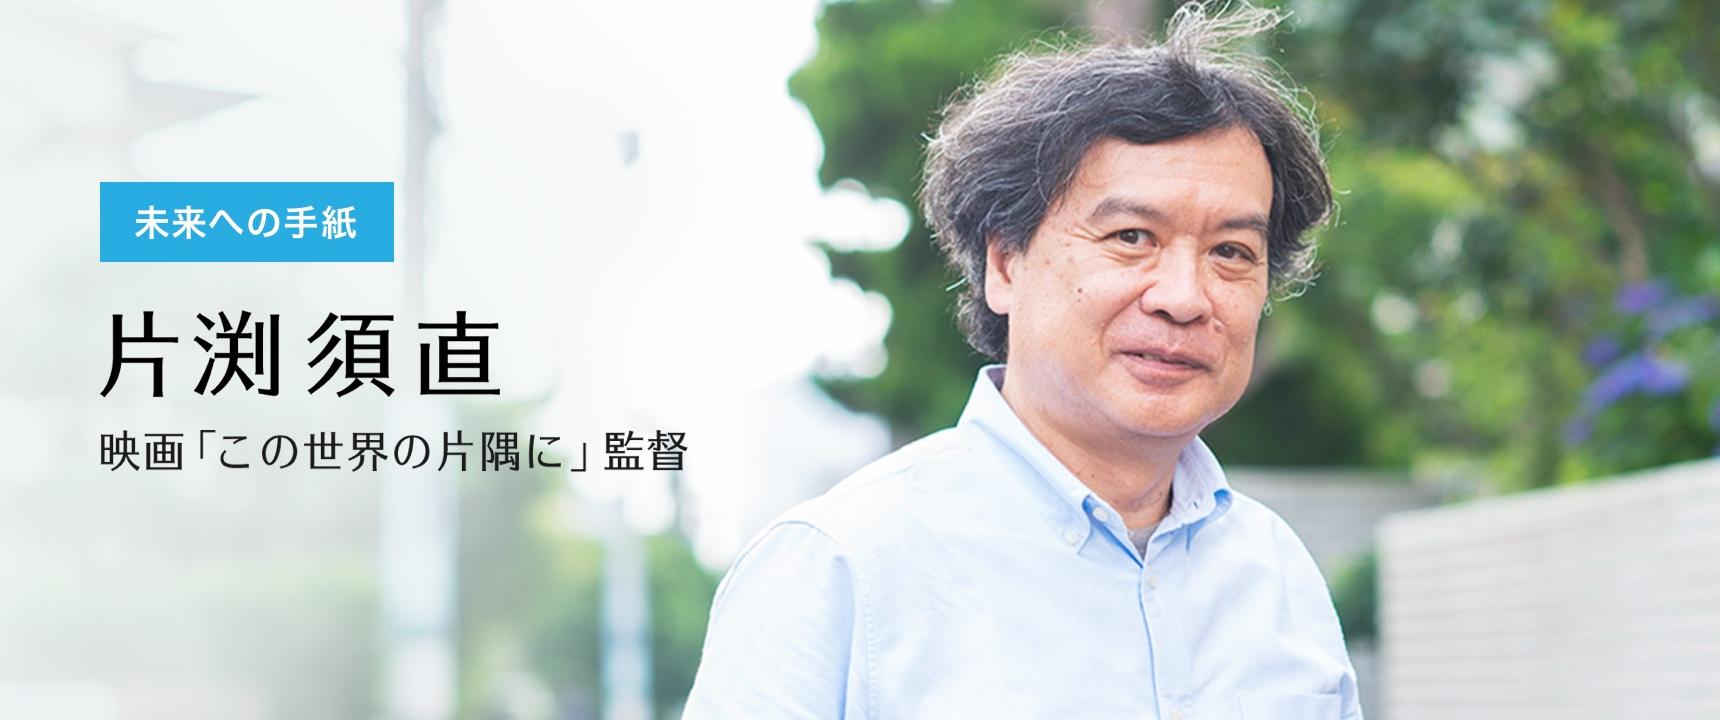 片渕監督インタビュー